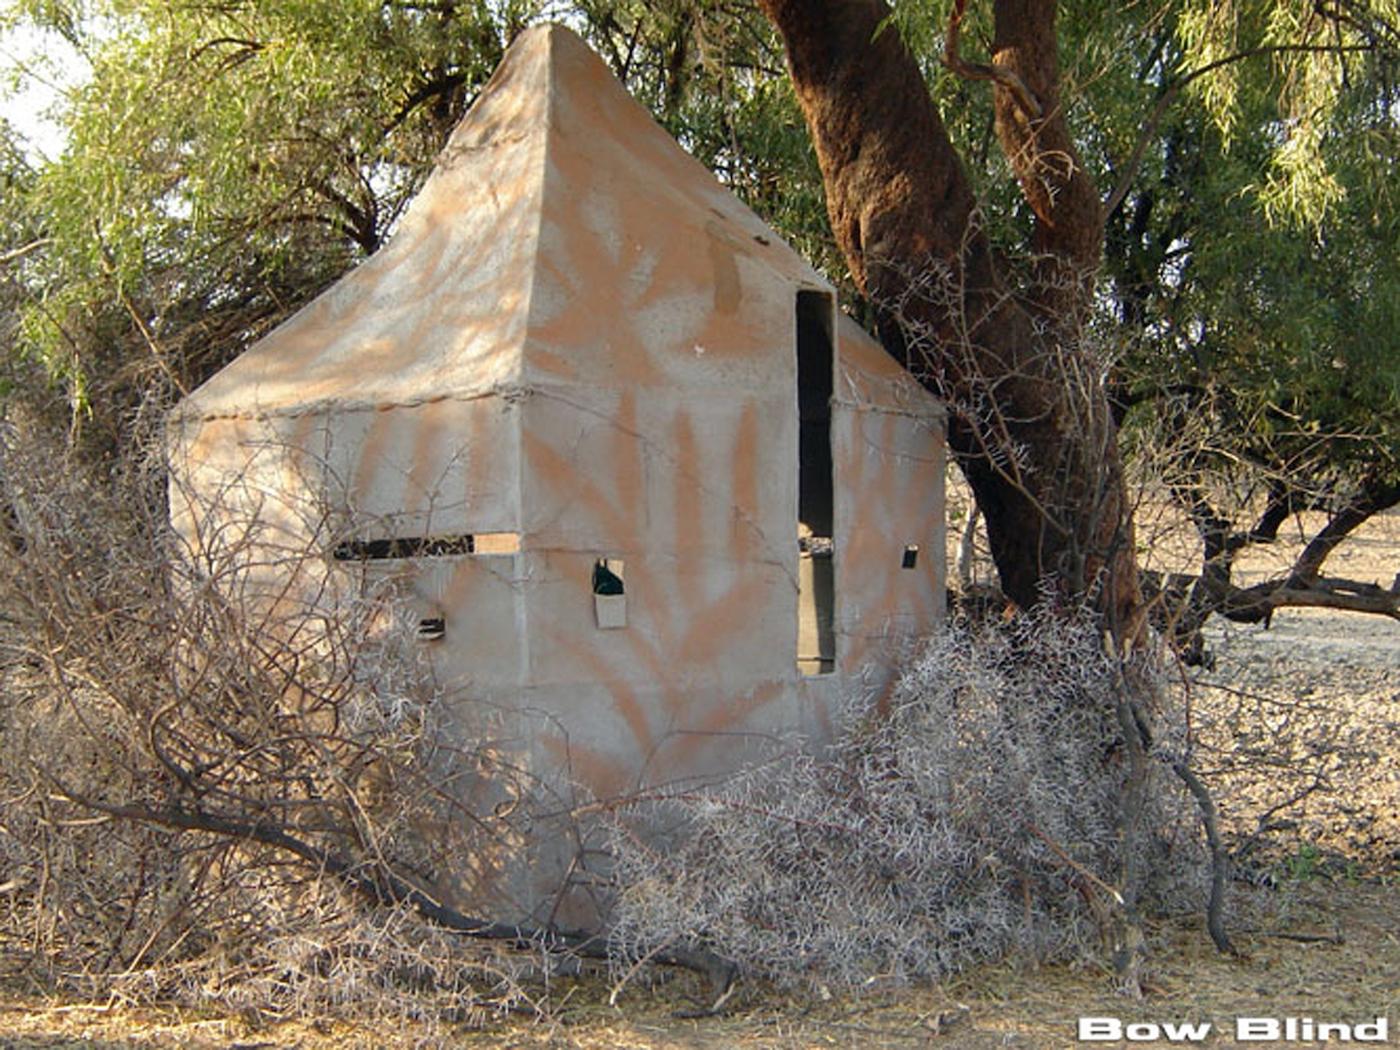 bow-hunting-namibia-04